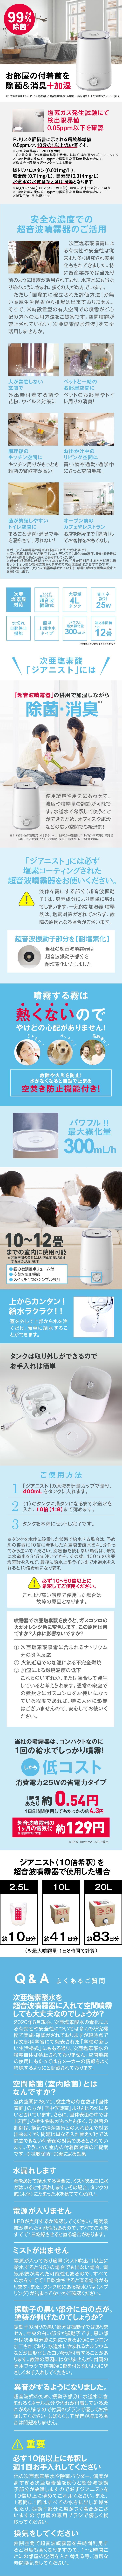 超音波噴霧器でお部屋まるごと空気を除菌・消臭